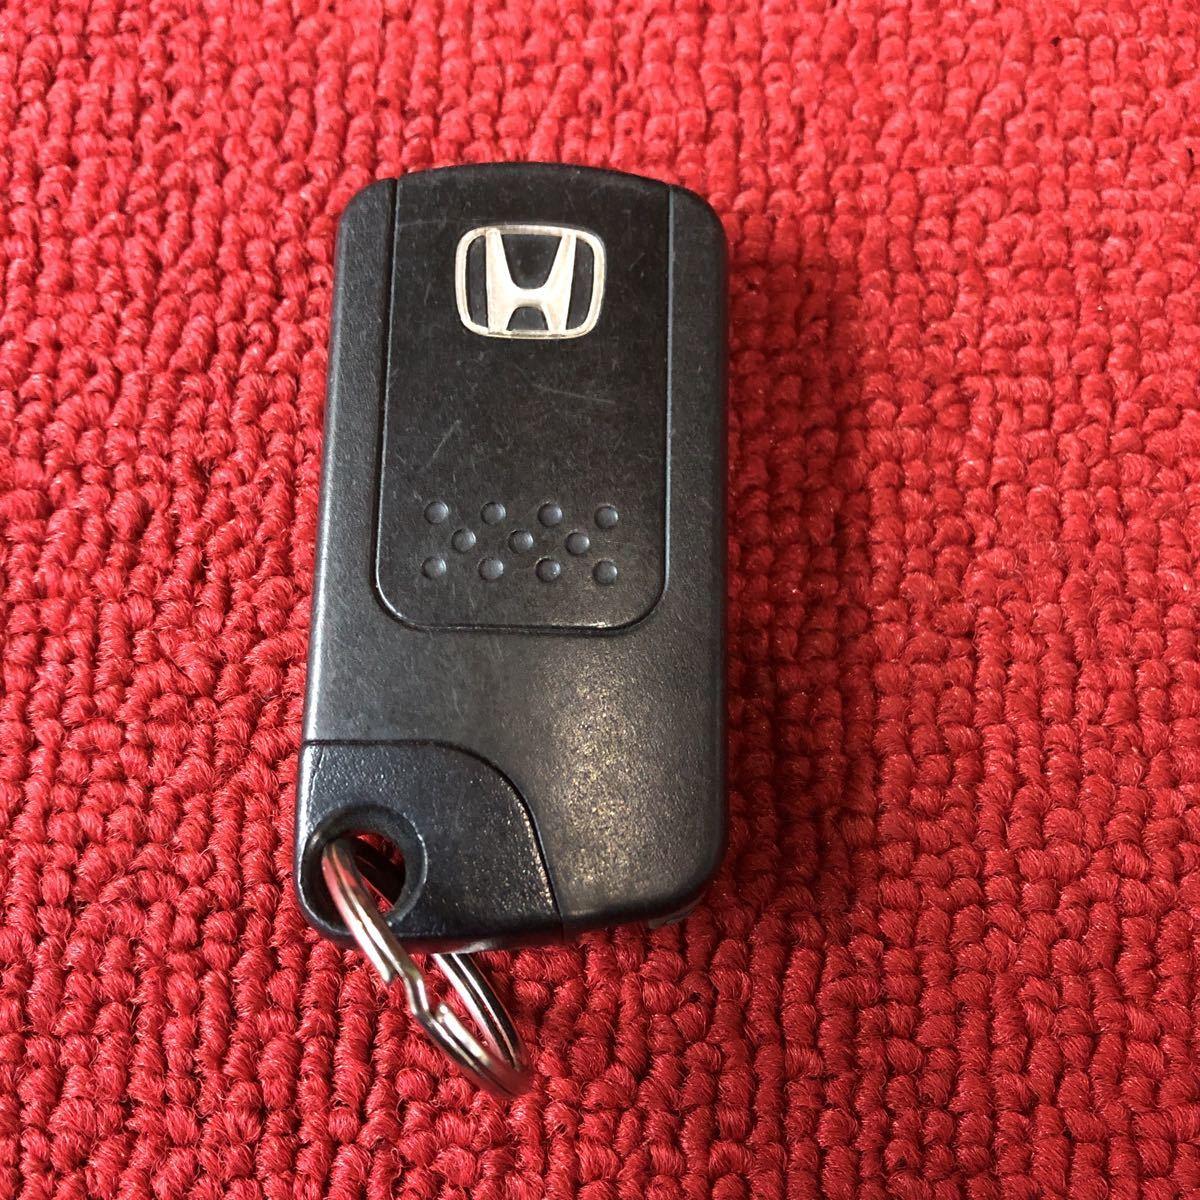 ホンダ RG系 ステップワゴン 72147-SLJ-J61 スマートキー 4ボタン 作動確認済み CC581_画像3